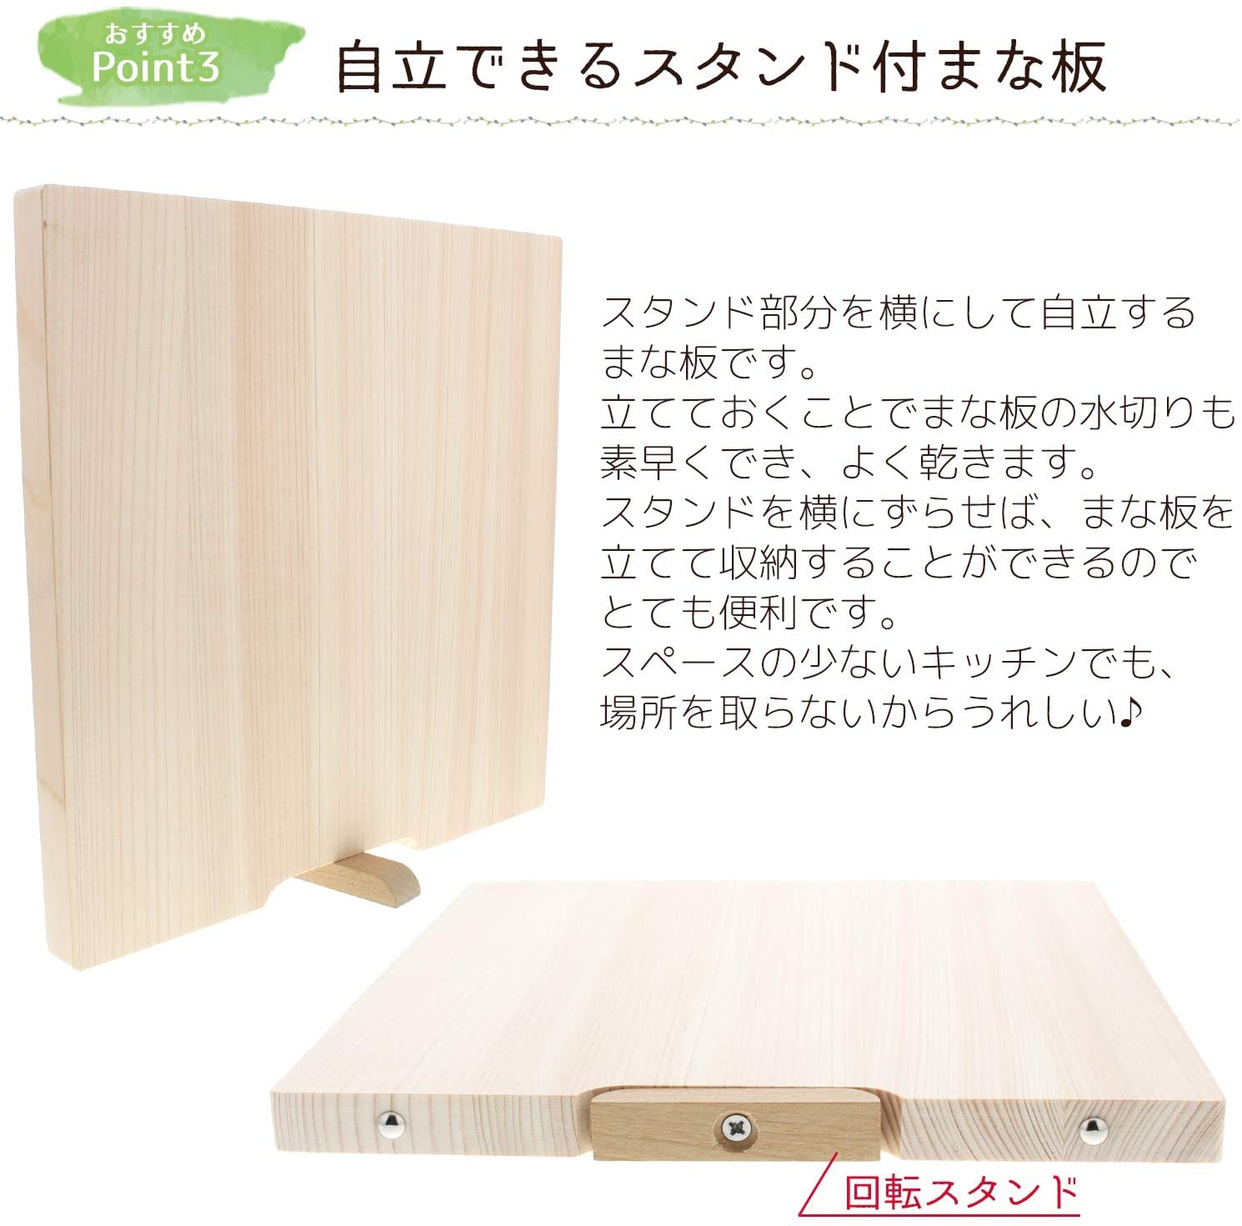 土佐龍(トサリュウ) 四万十ひのきスタンド付き まな板の商品画像4